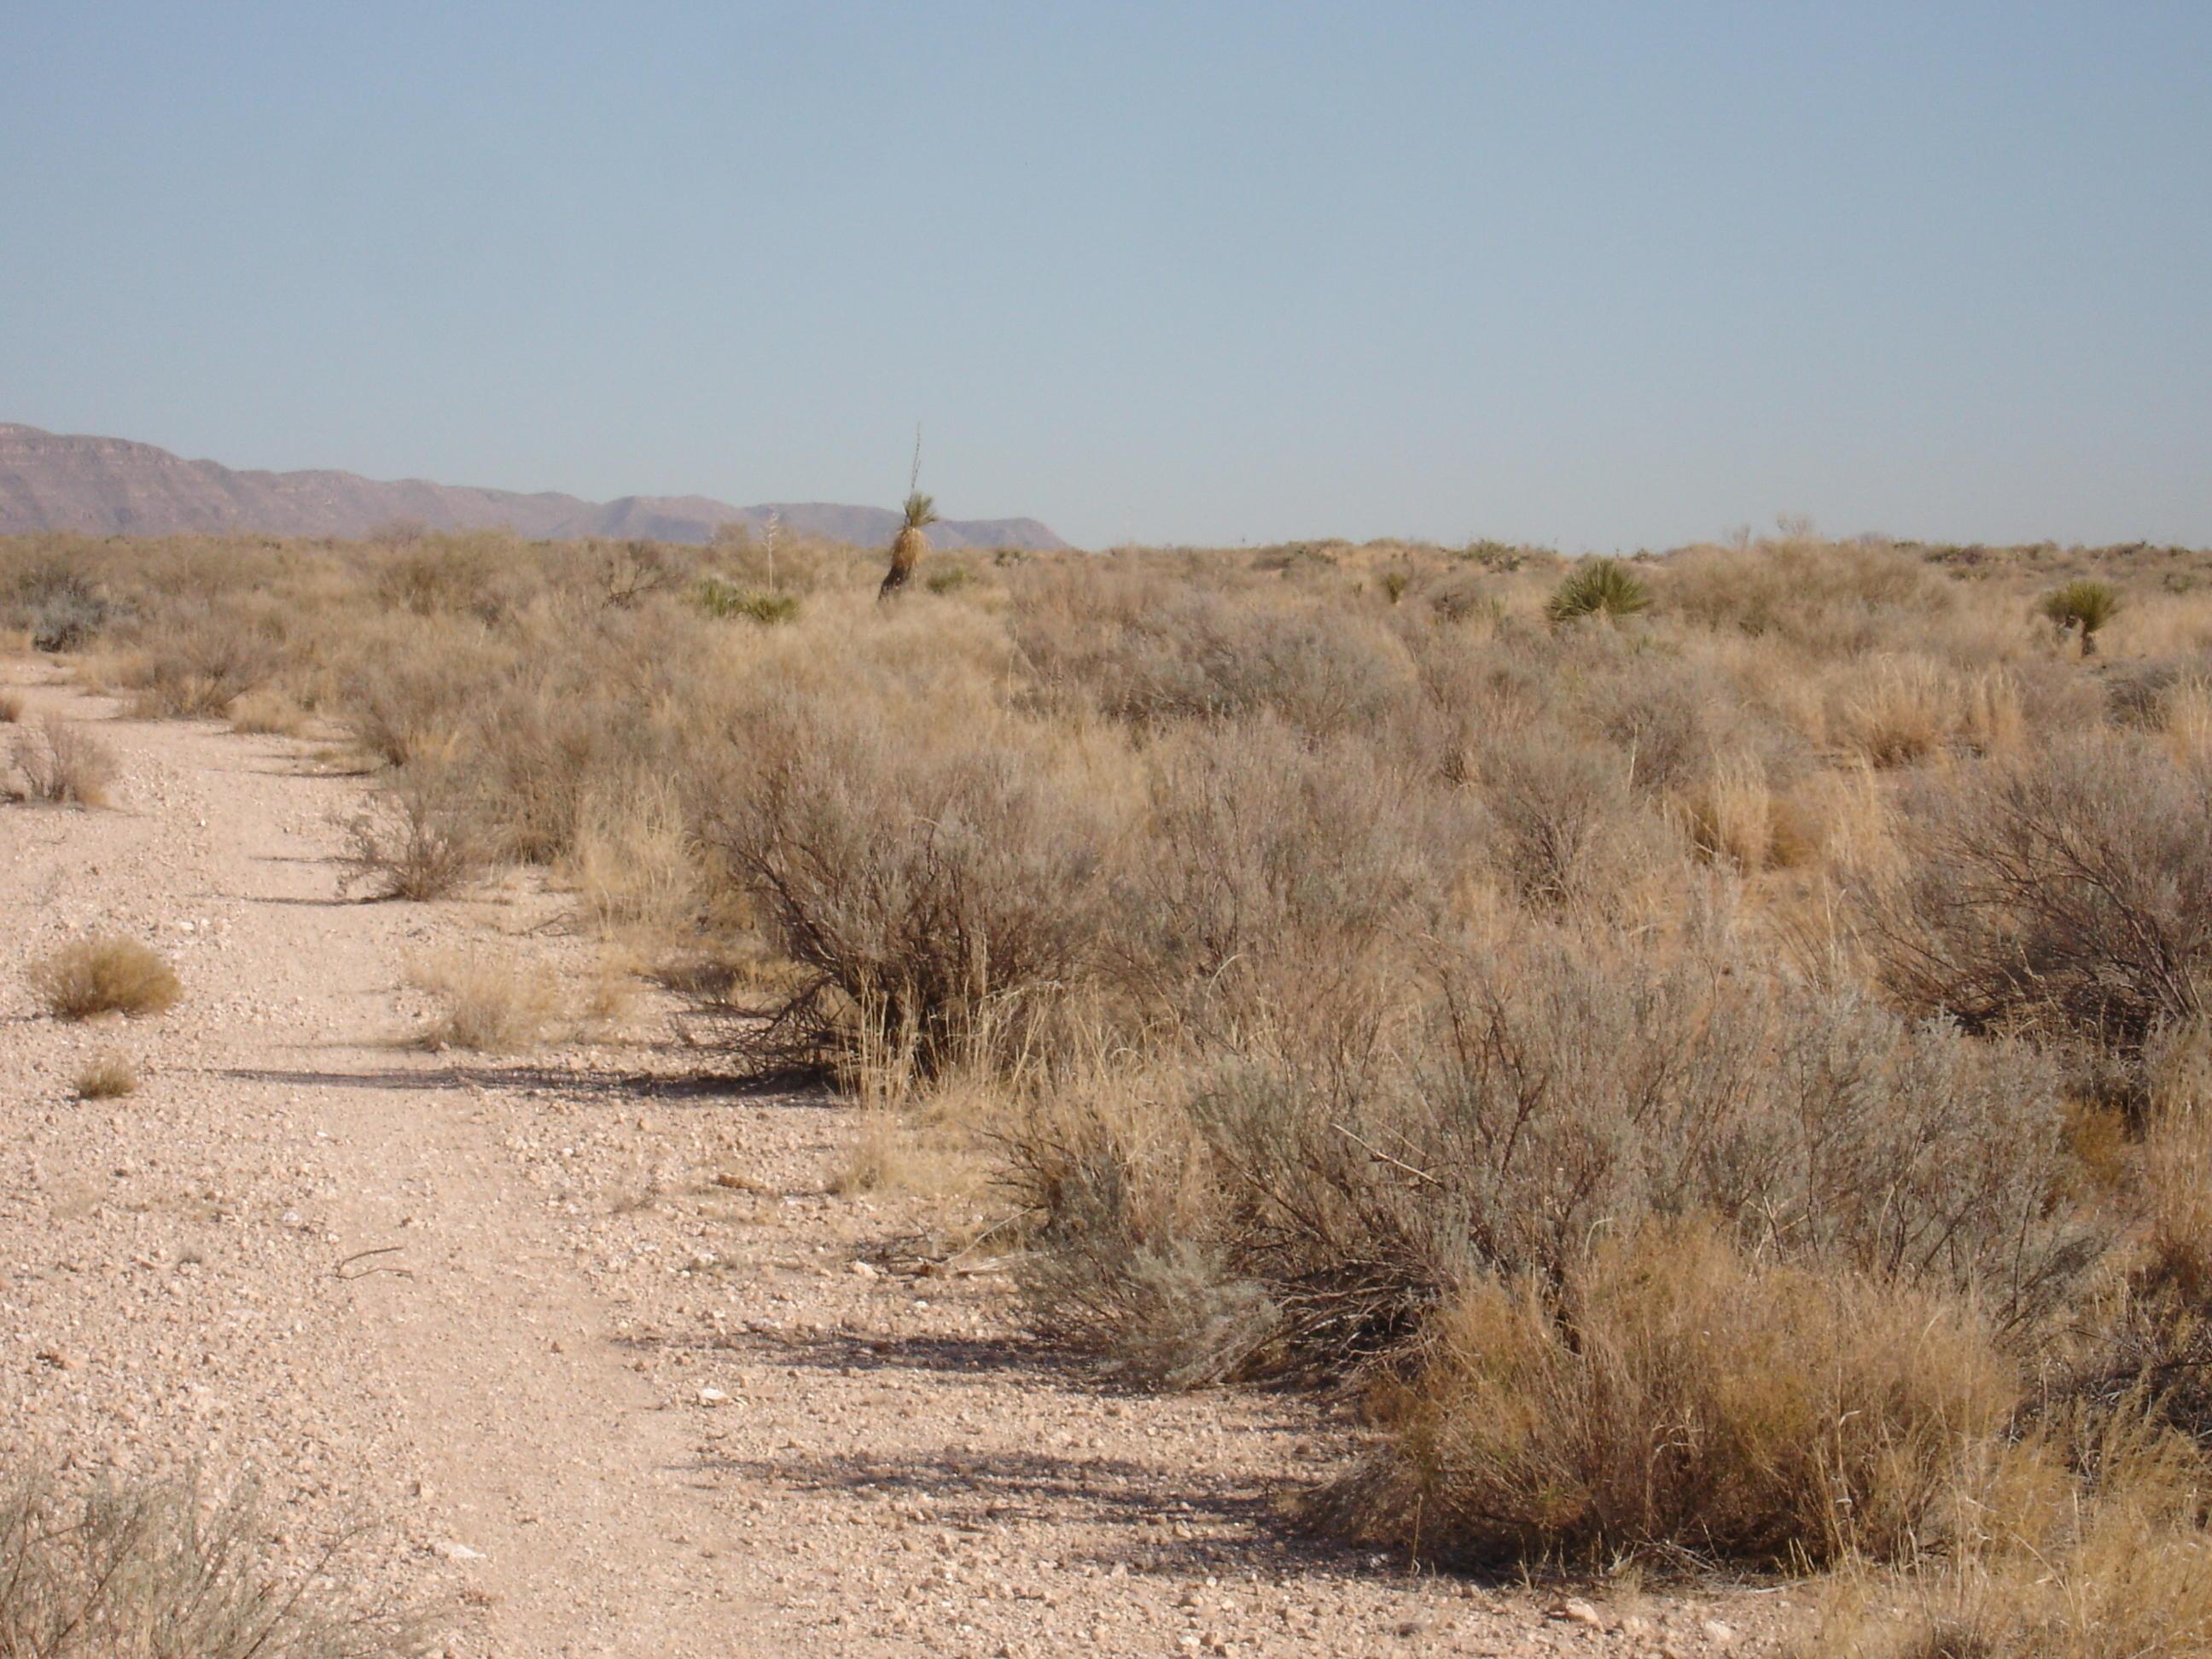 0 Quae Avenue, Unincorporated, Texas 99999, ,Land,For sale,Quae,807837